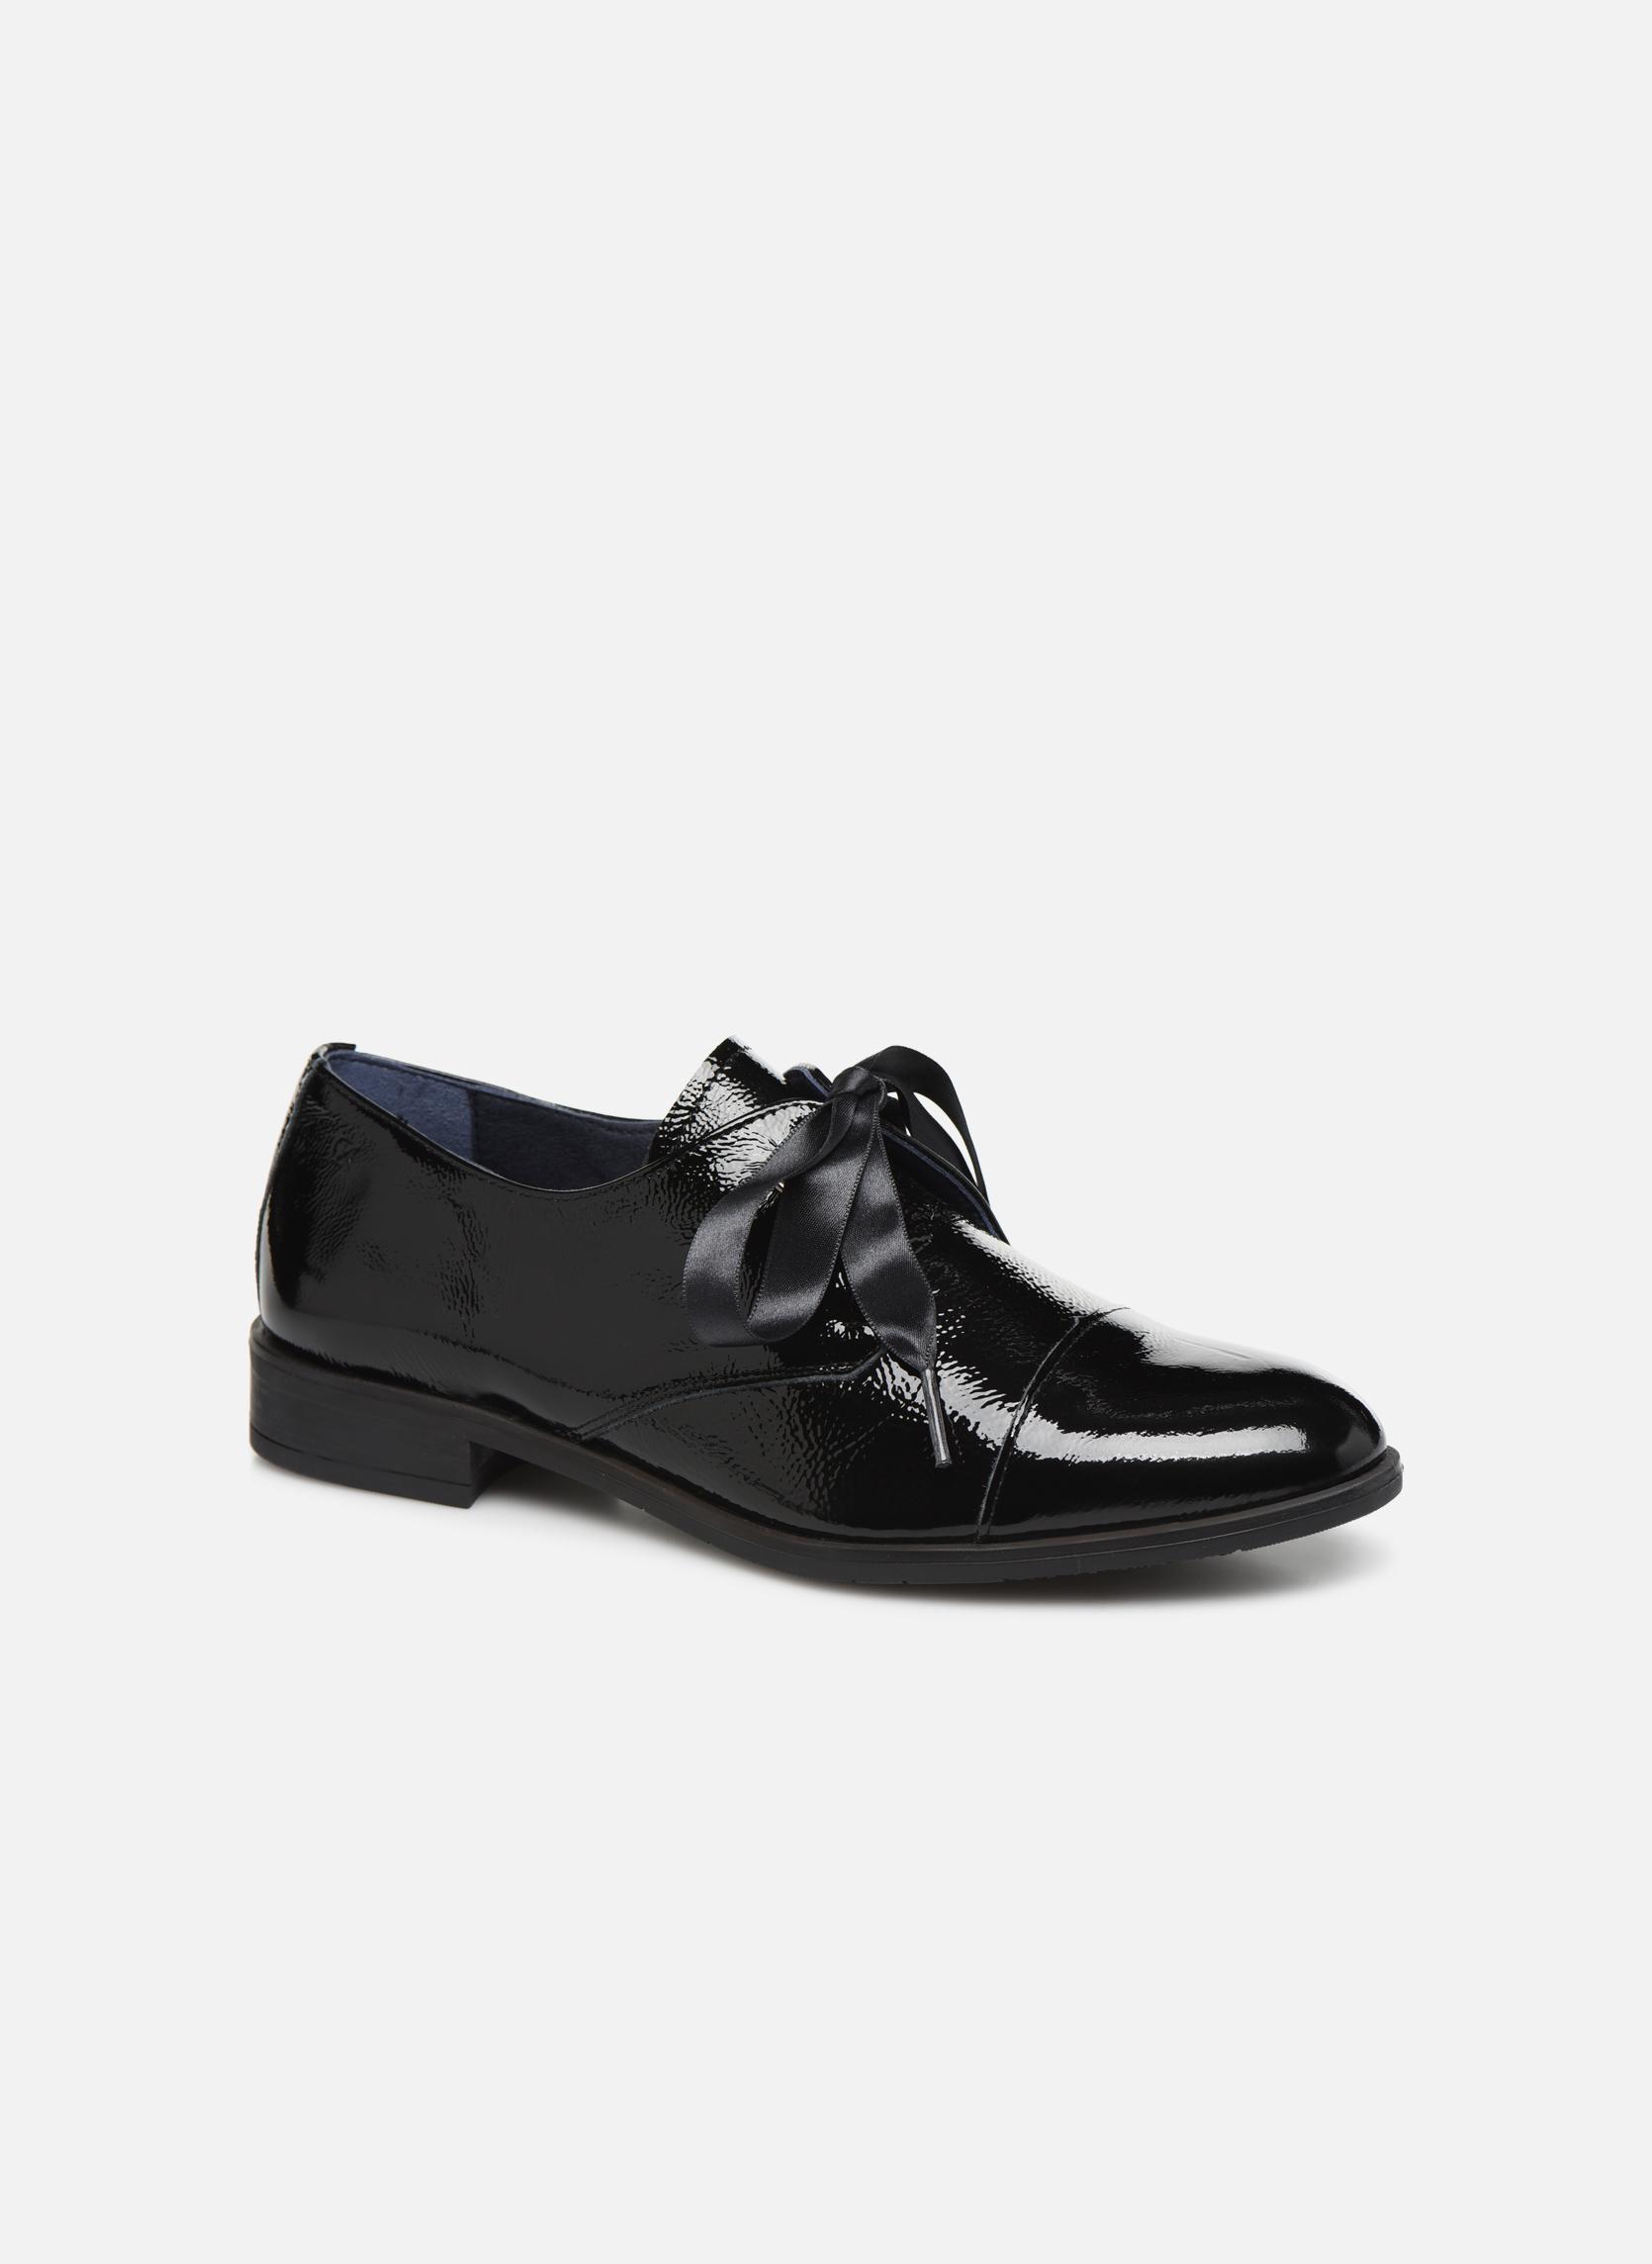 Zapatos casuales salvajes Dorking Vesna 7631 (Negro) - Zapatos con cordones en Más cómodo